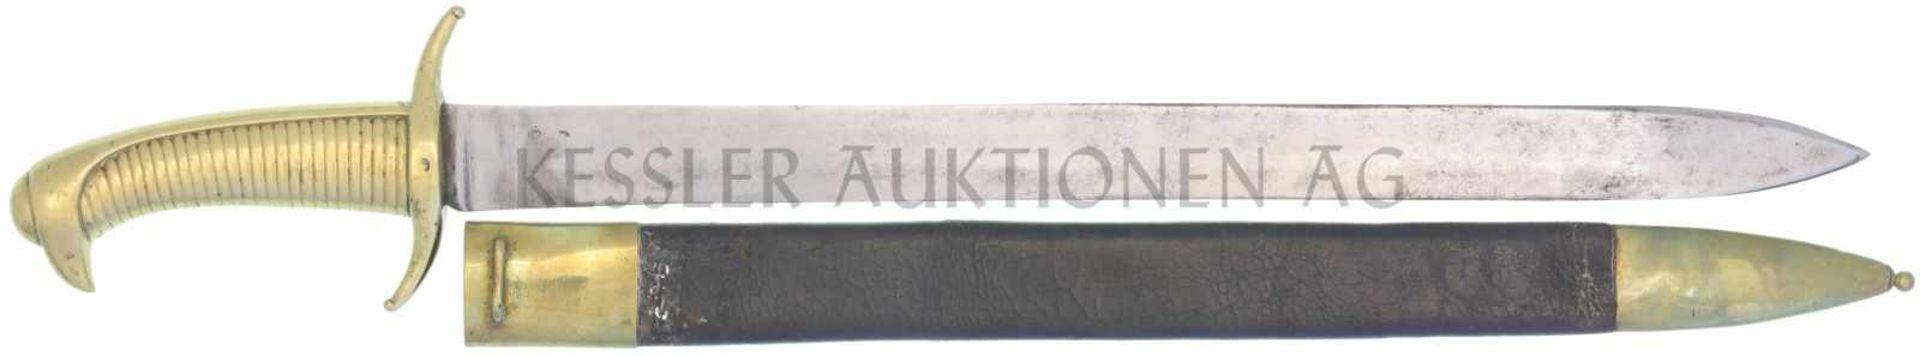 Briquette der Stadtwache Genf KL 480mm, TL 622mm, gerade Klinge, volle Wurzel, einschneidig, flacher